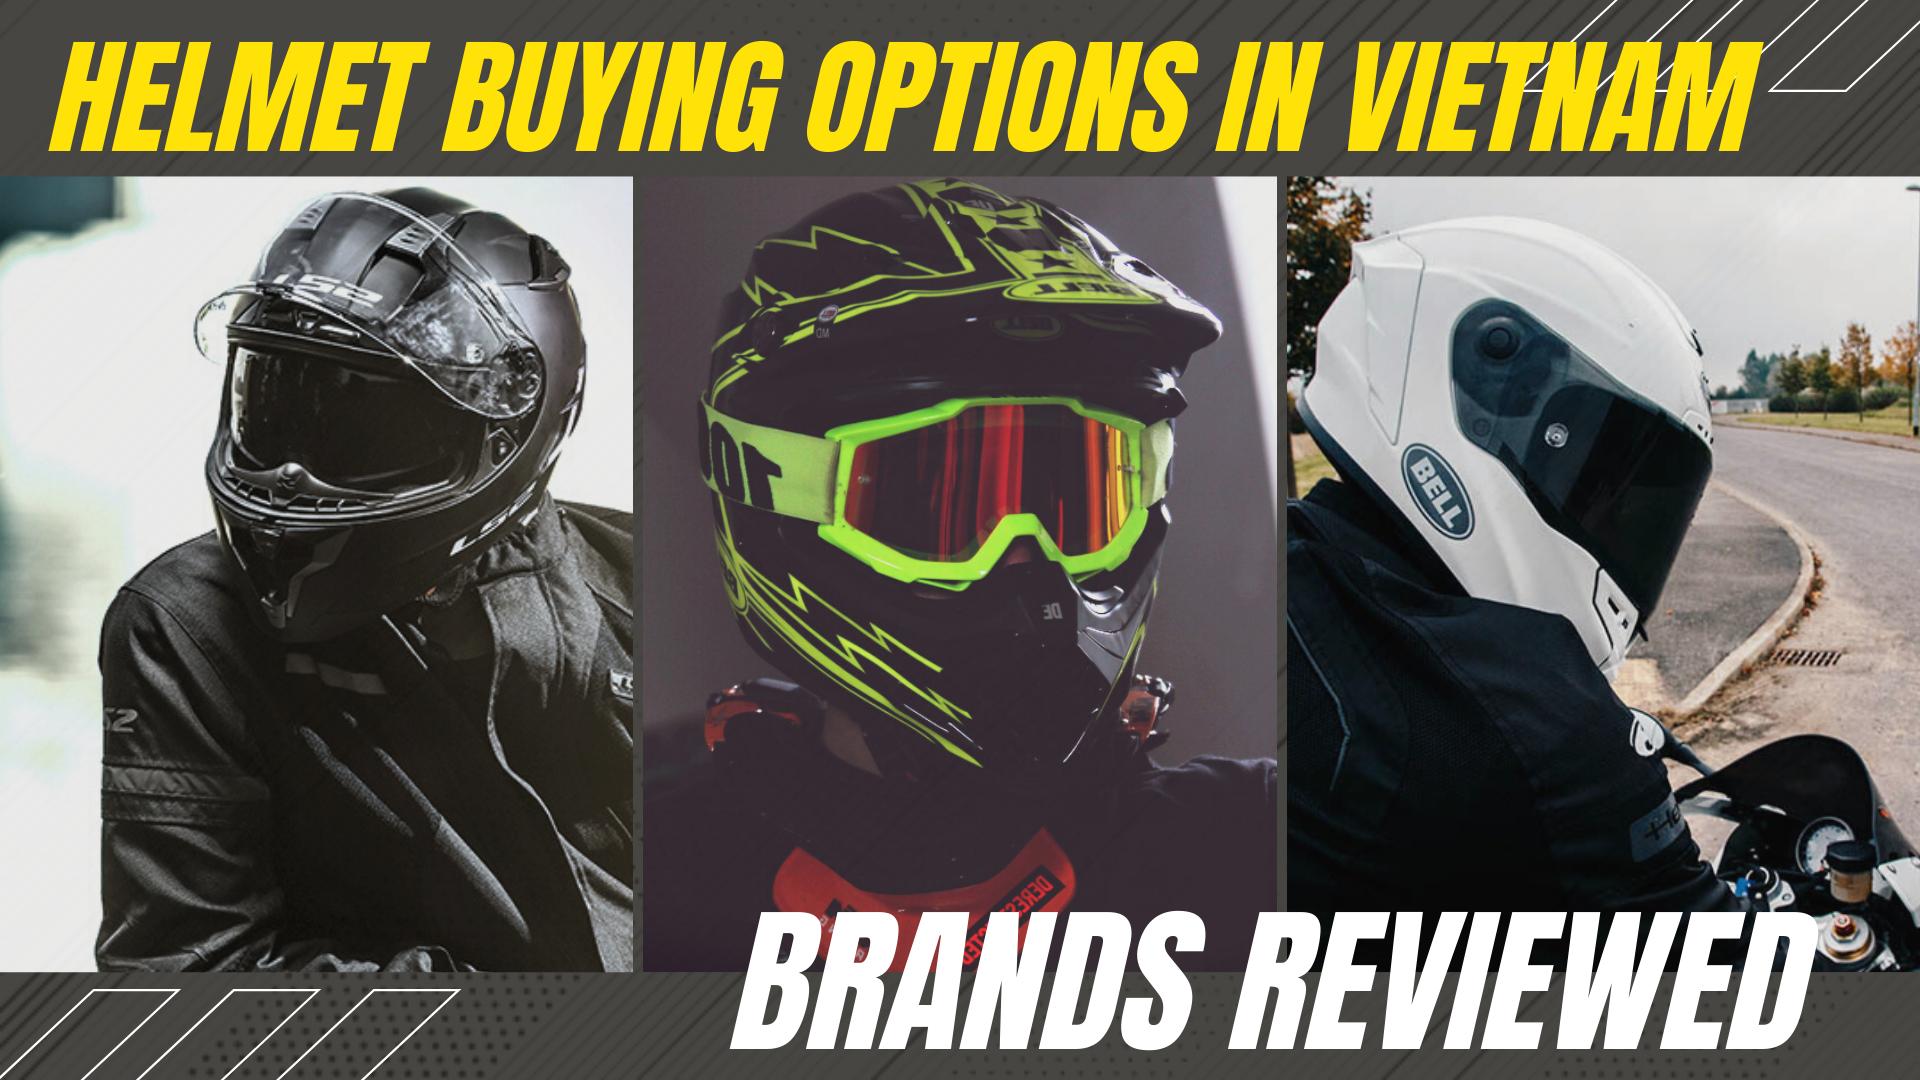 Helmet Buying Options in Vietnam - Brands Reviewed